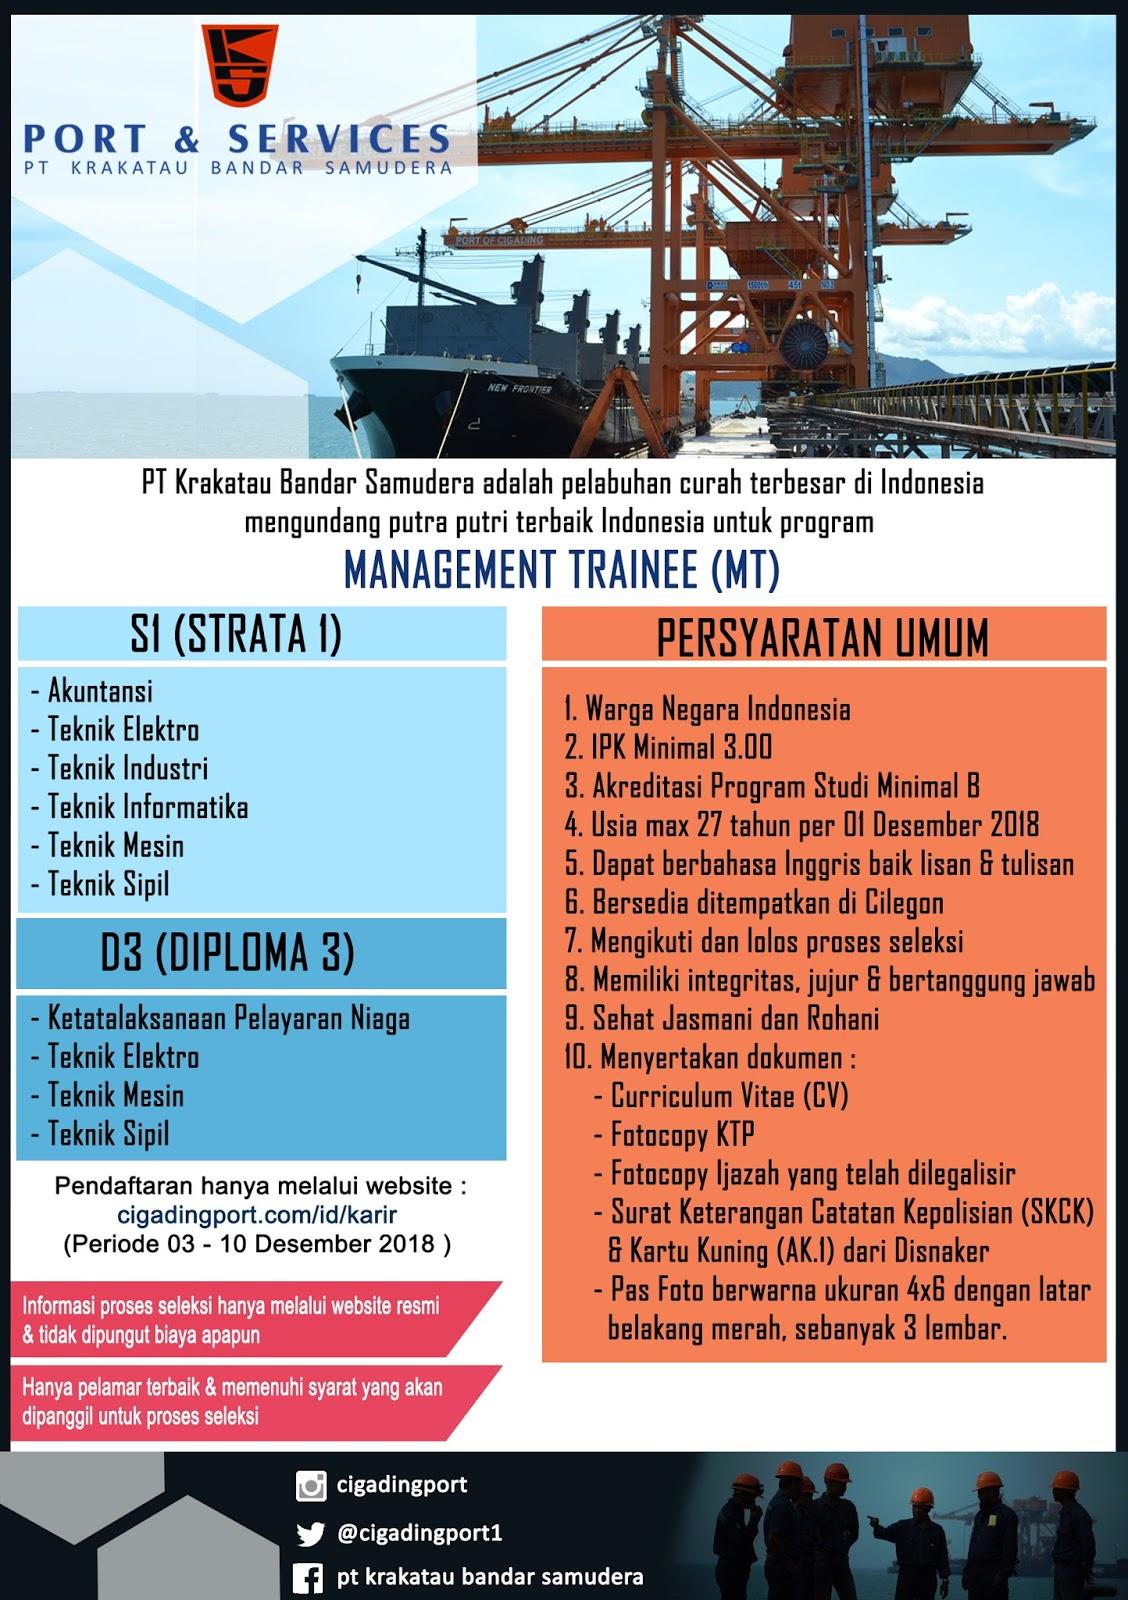 Lowongan Kerja Management Trainee PT Krakatau Bandar Samudera 2019